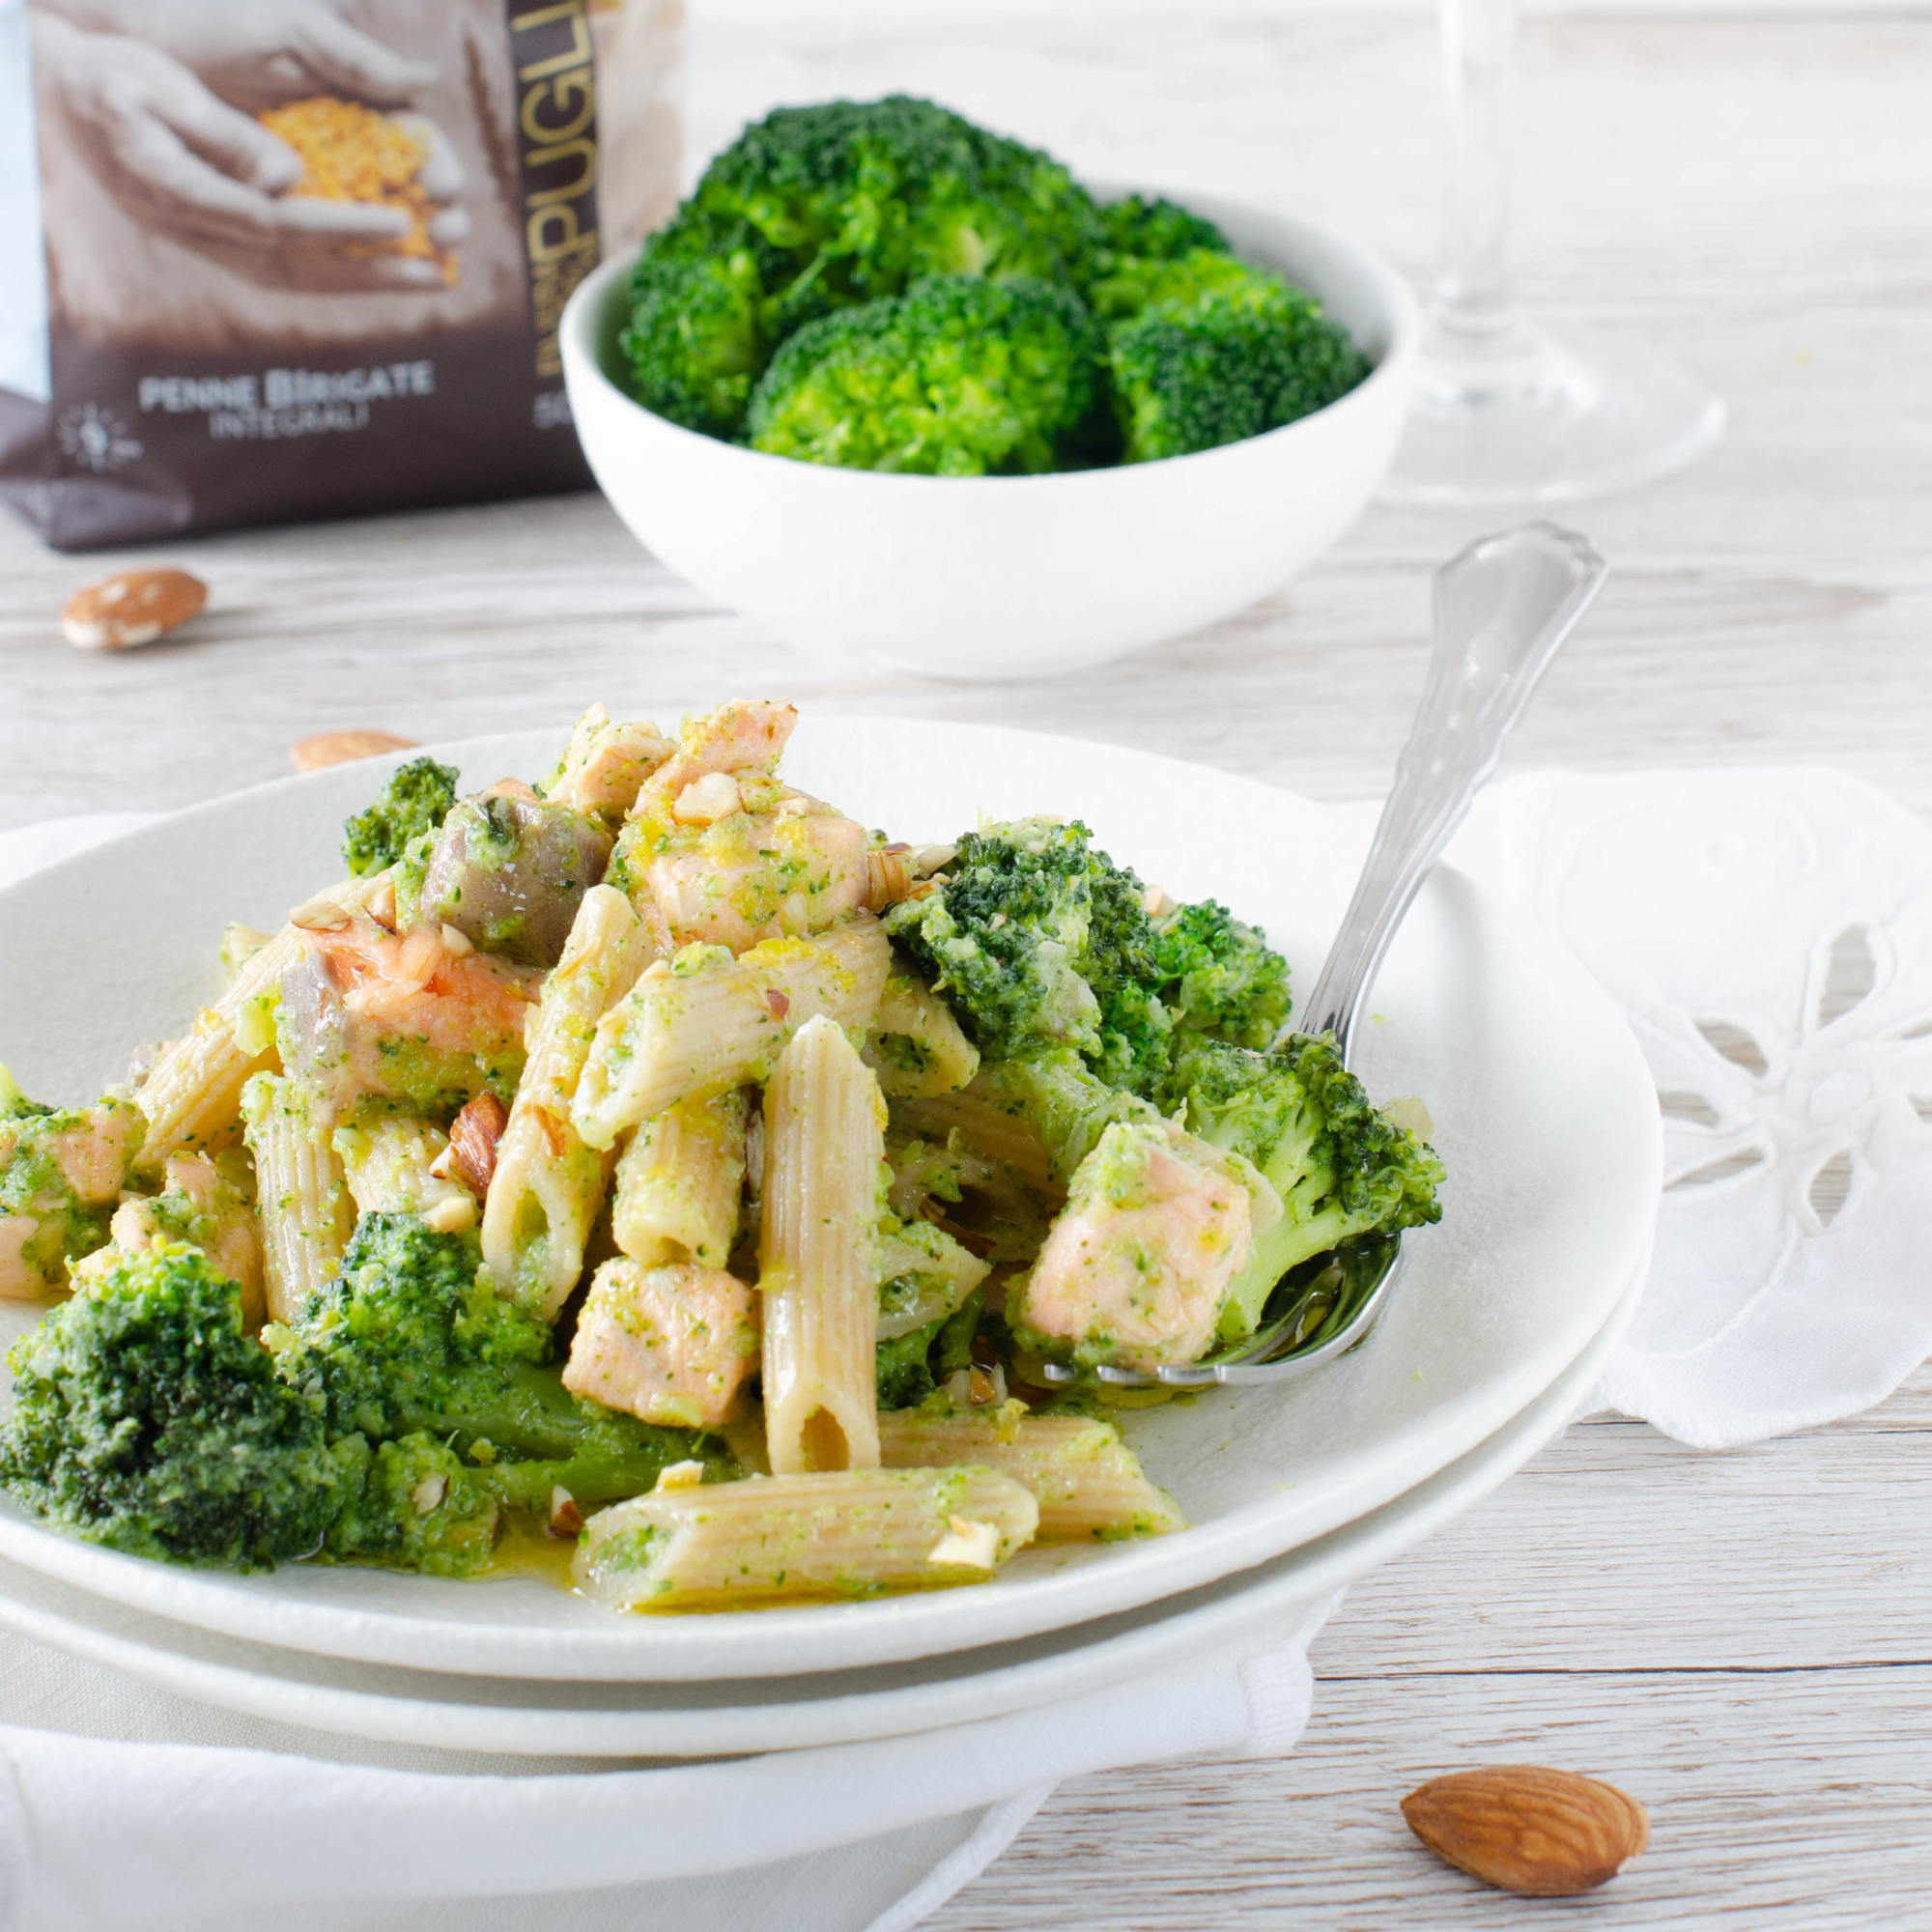 Penne birigate integrali con broccoli e mandorle croccanti con salmone fresco